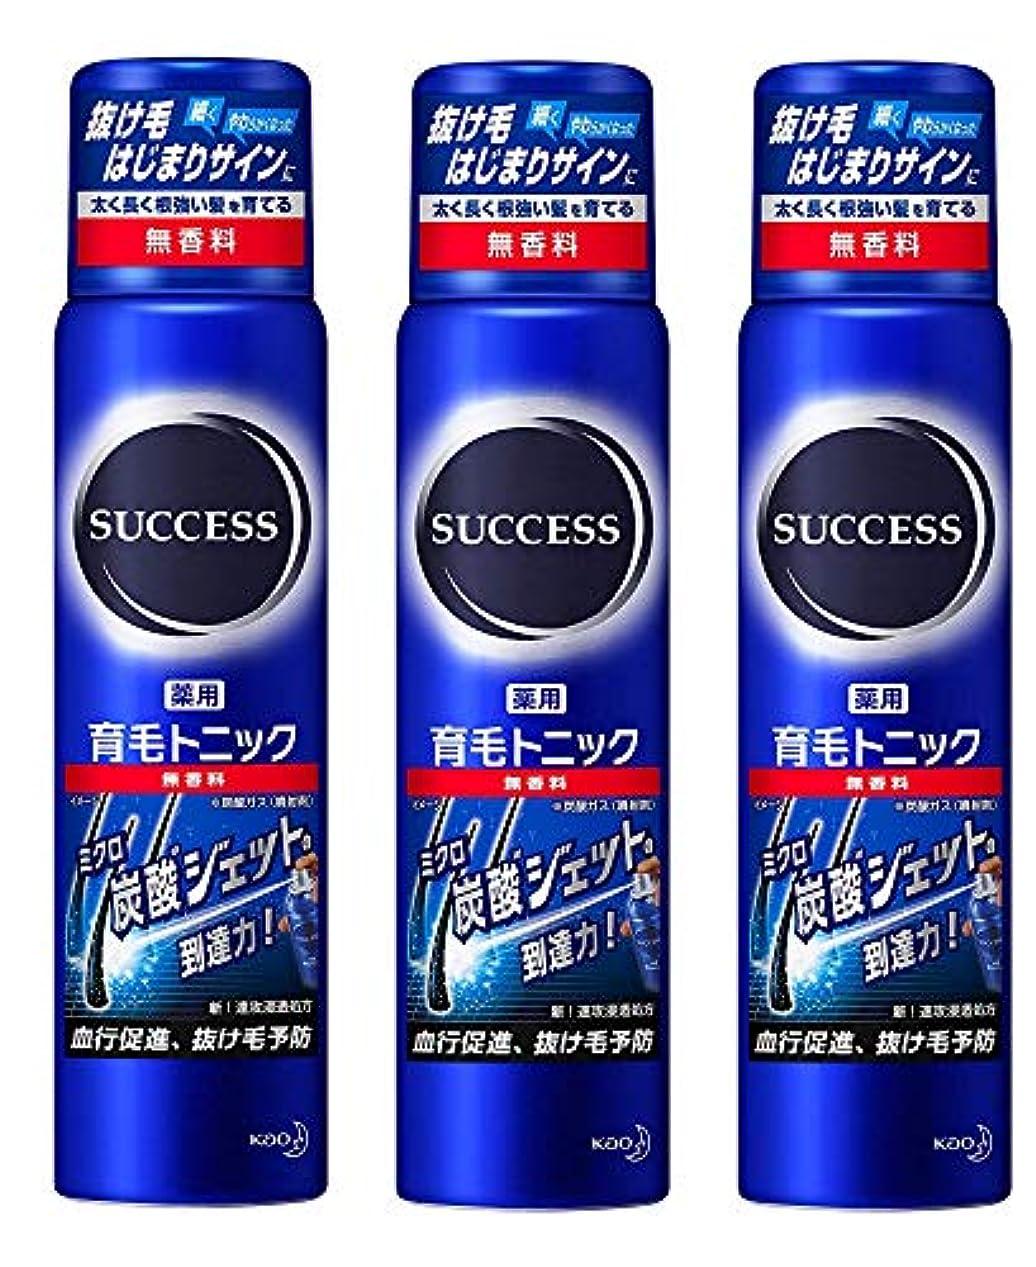 【花王】サクセス 薬用育毛トニック 無香料 小 73g ×3個セット